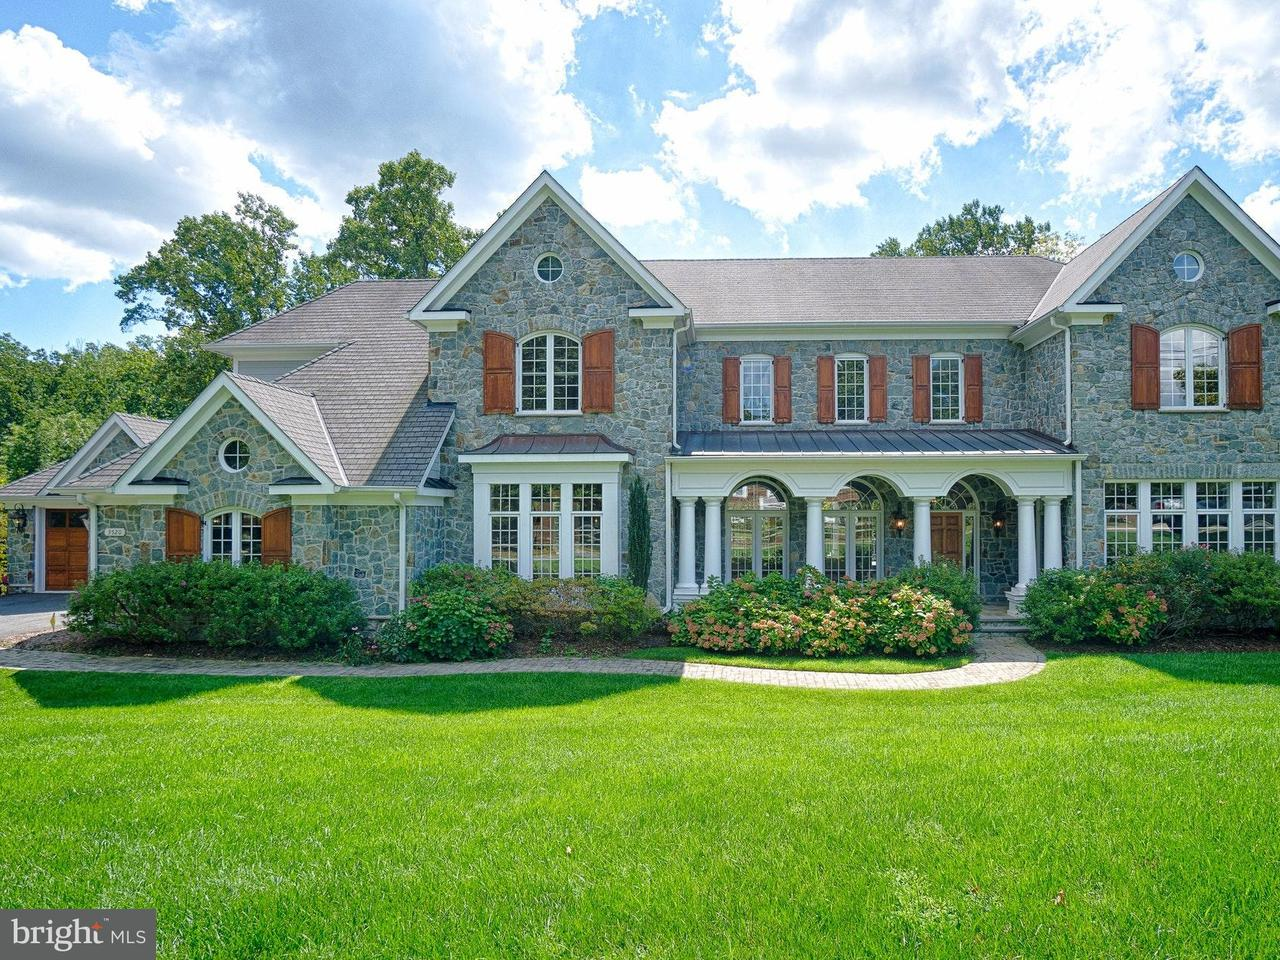 단독 가정 주택 용 매매 에 3520 ROBERTS Lane 3520 ROBERTS Lane Arlington, 버지니아 22207 미국